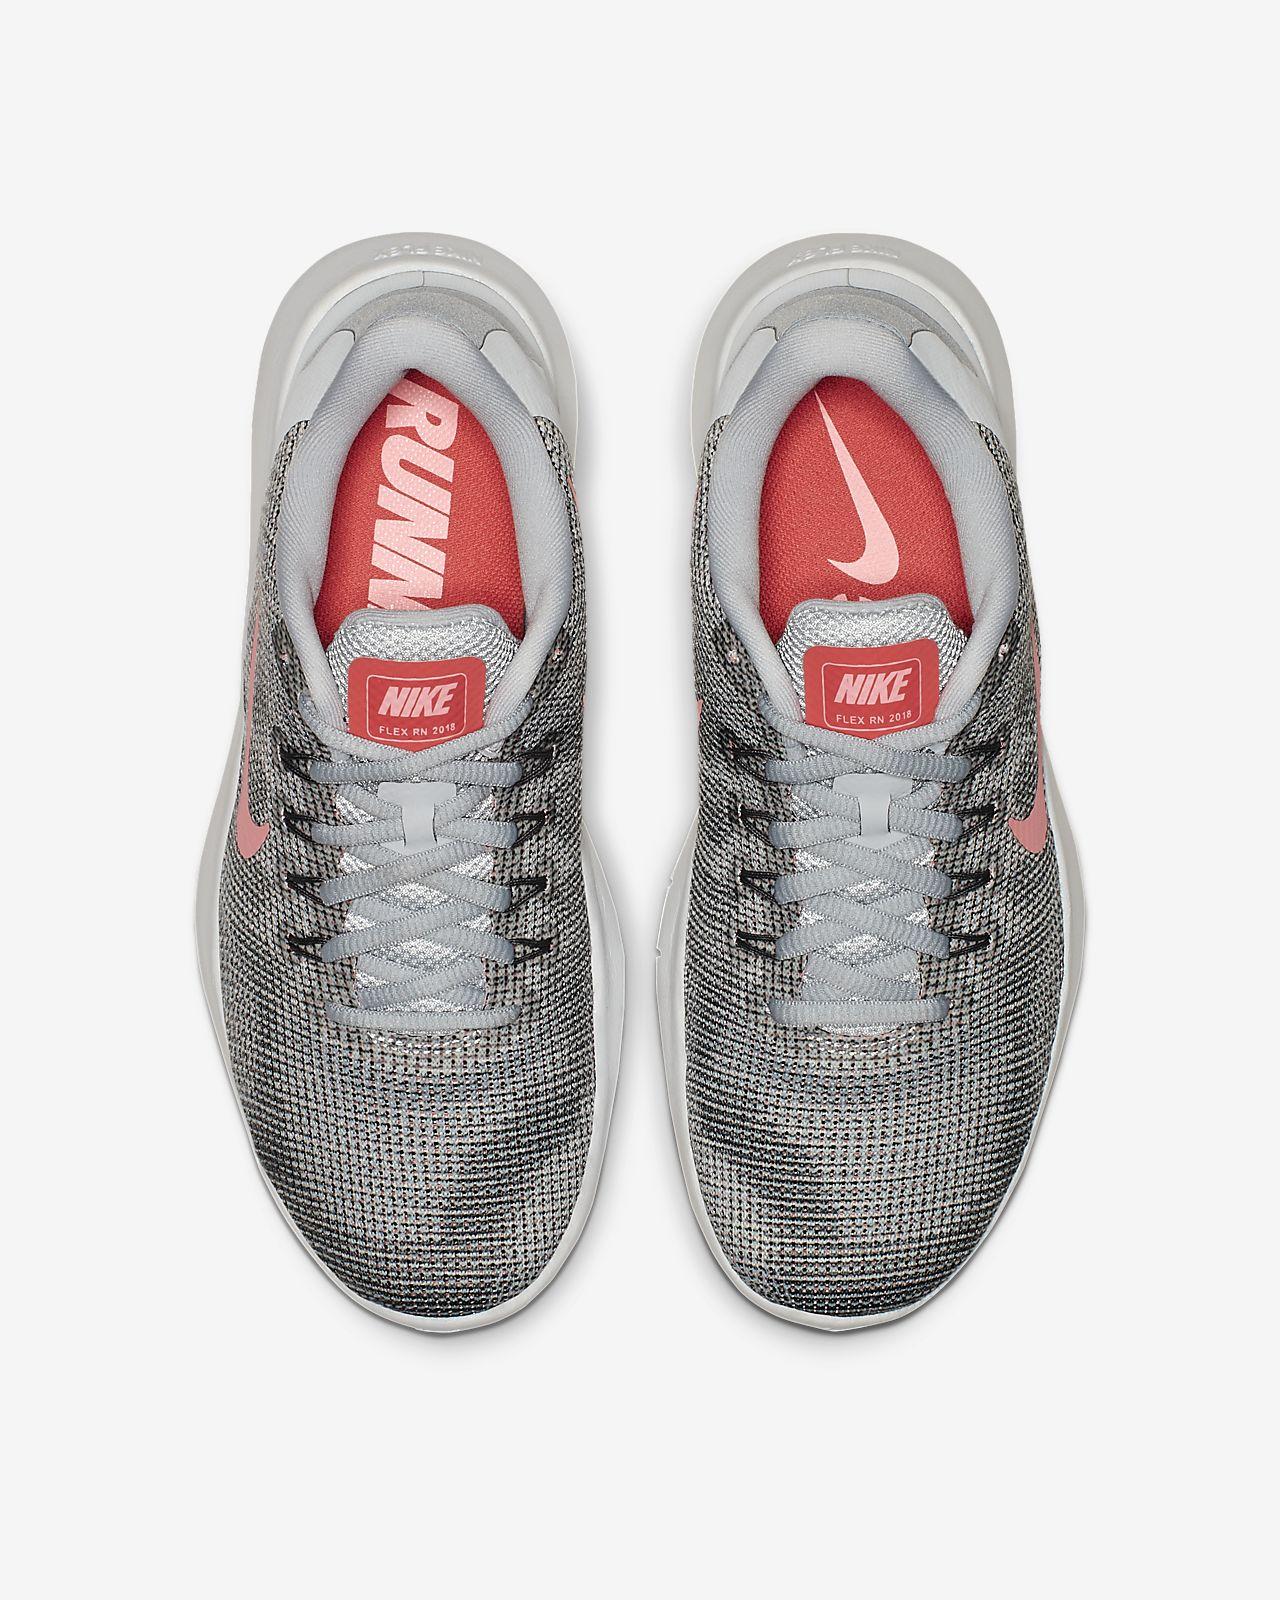 online retailer 7c184 e5ebb ... Chaussure de running Nike Flex RN 2018 pour Femme